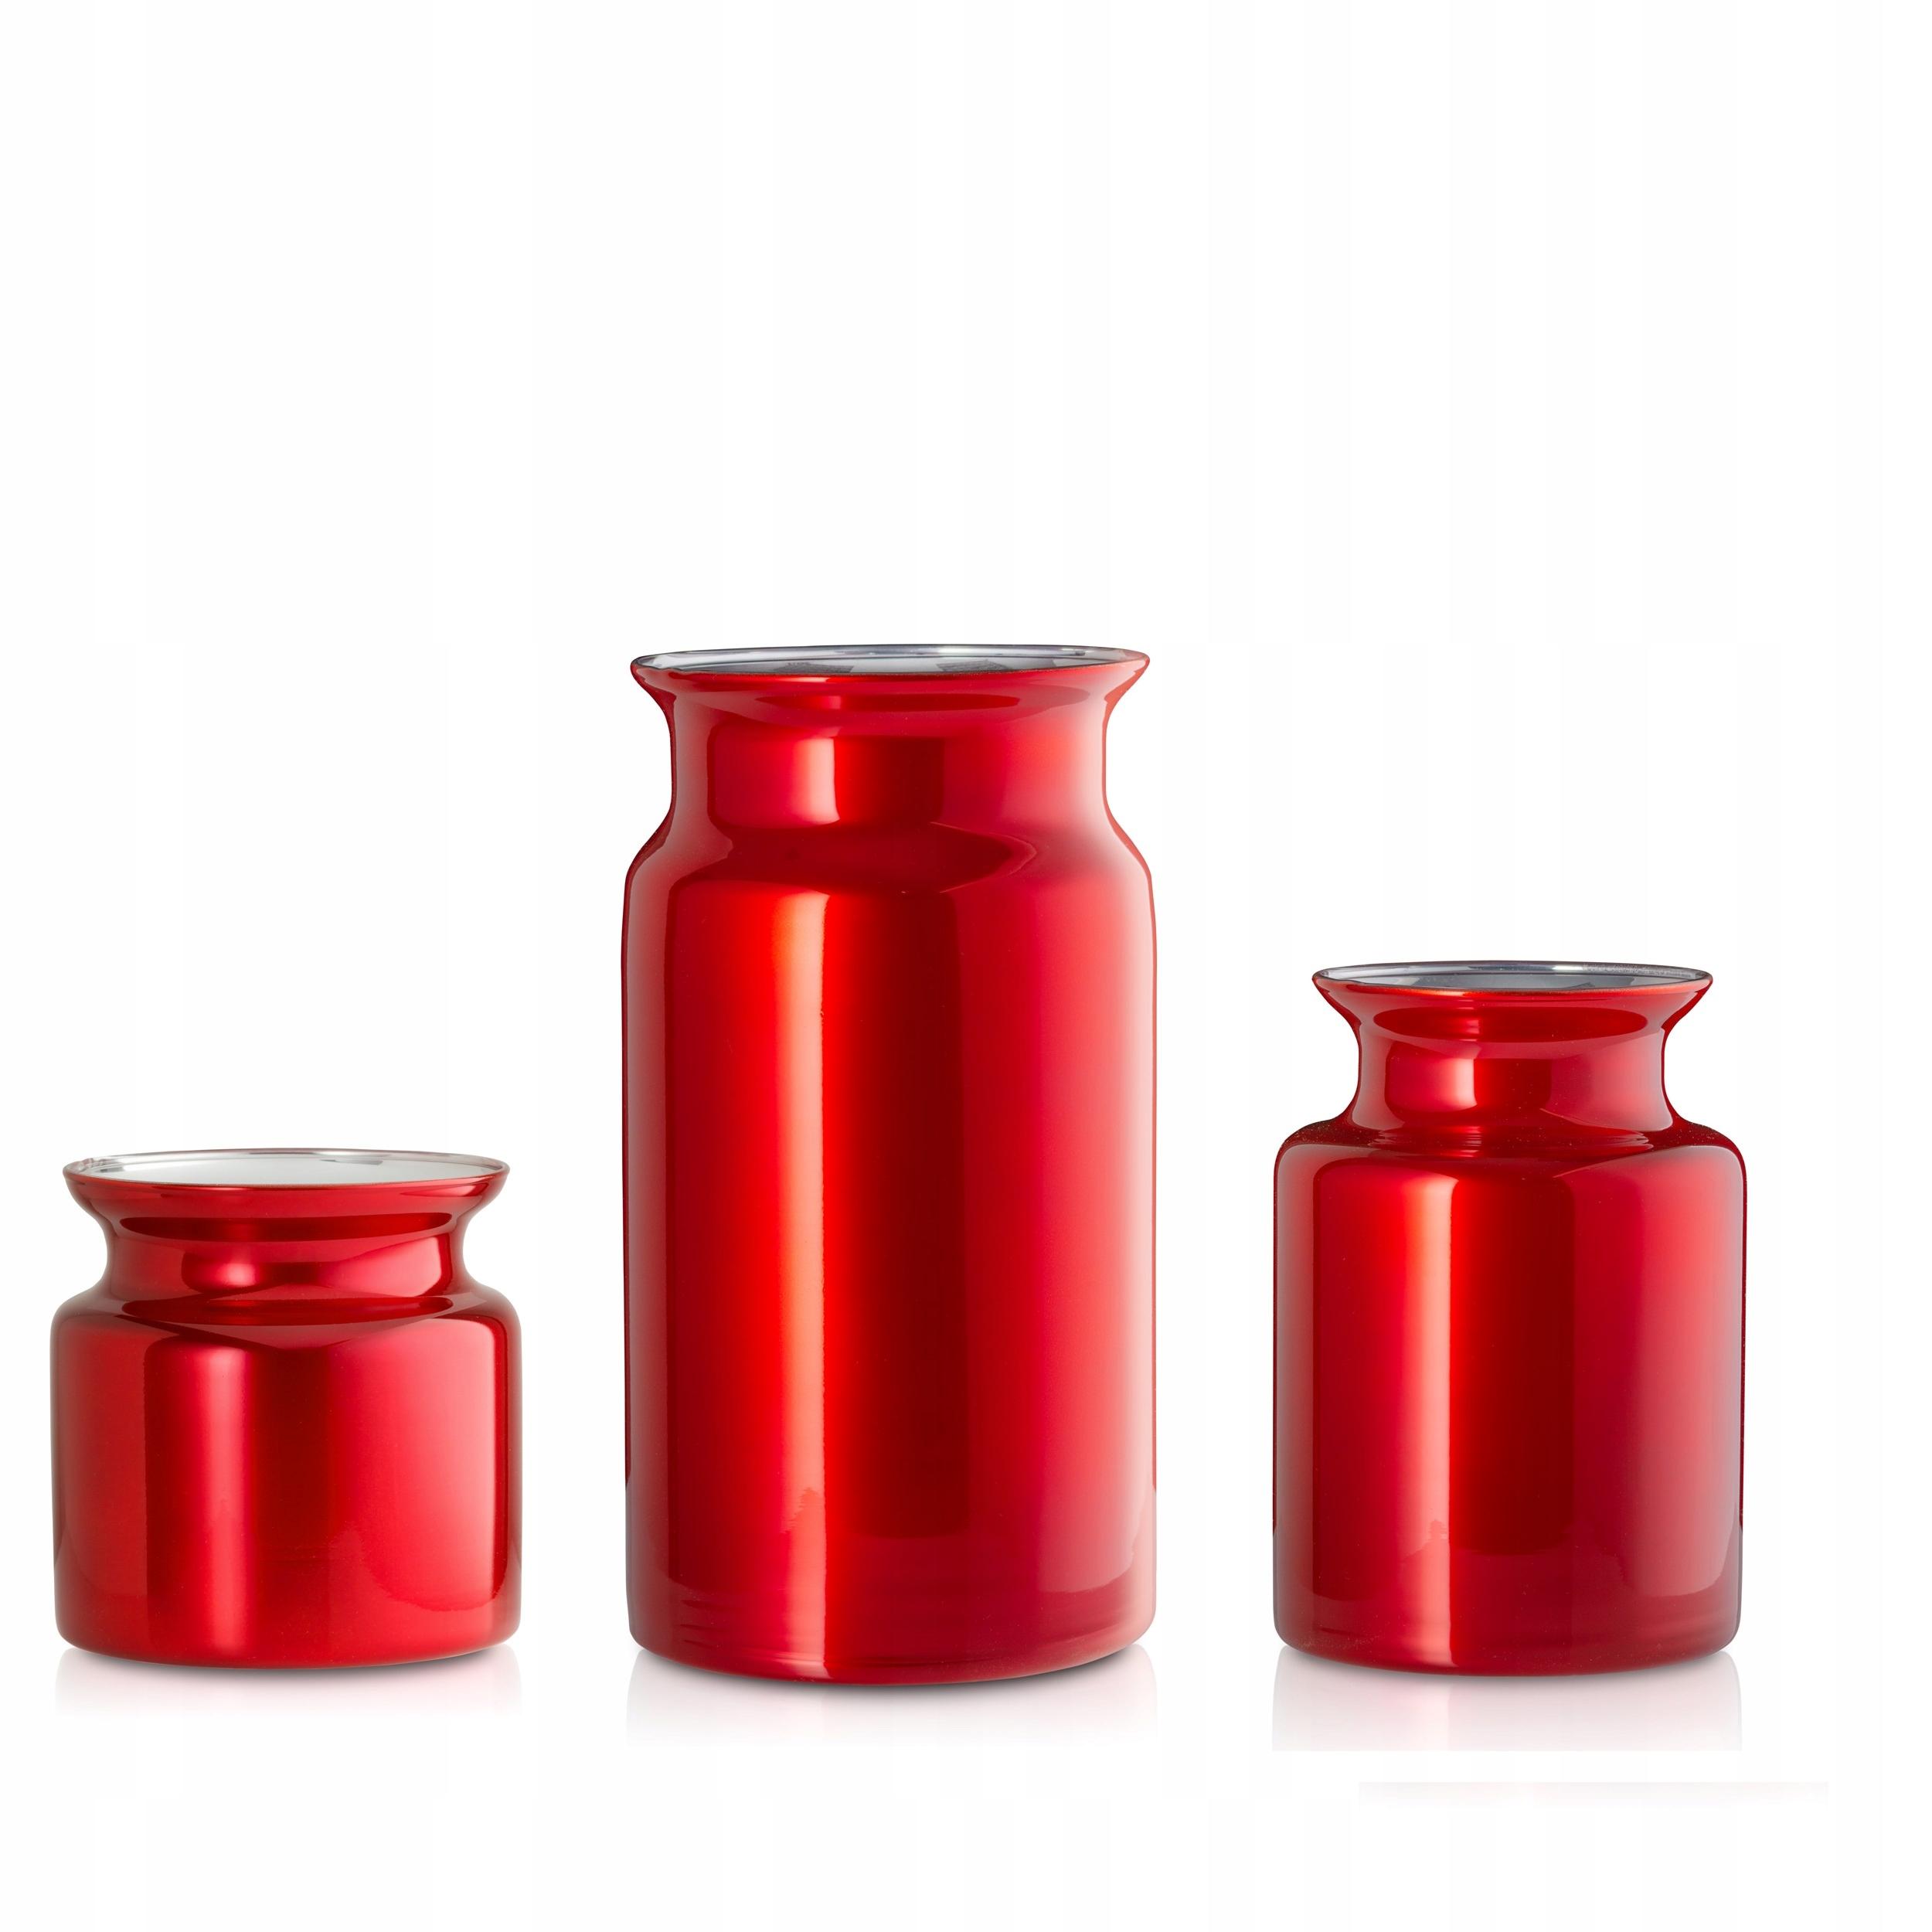 Wazon szklany świąteczny czerwony GLAMOUR-3szt.